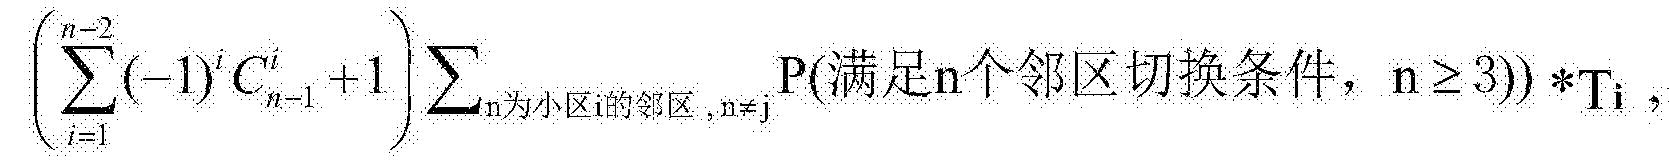 Figure CN104219707BD00183